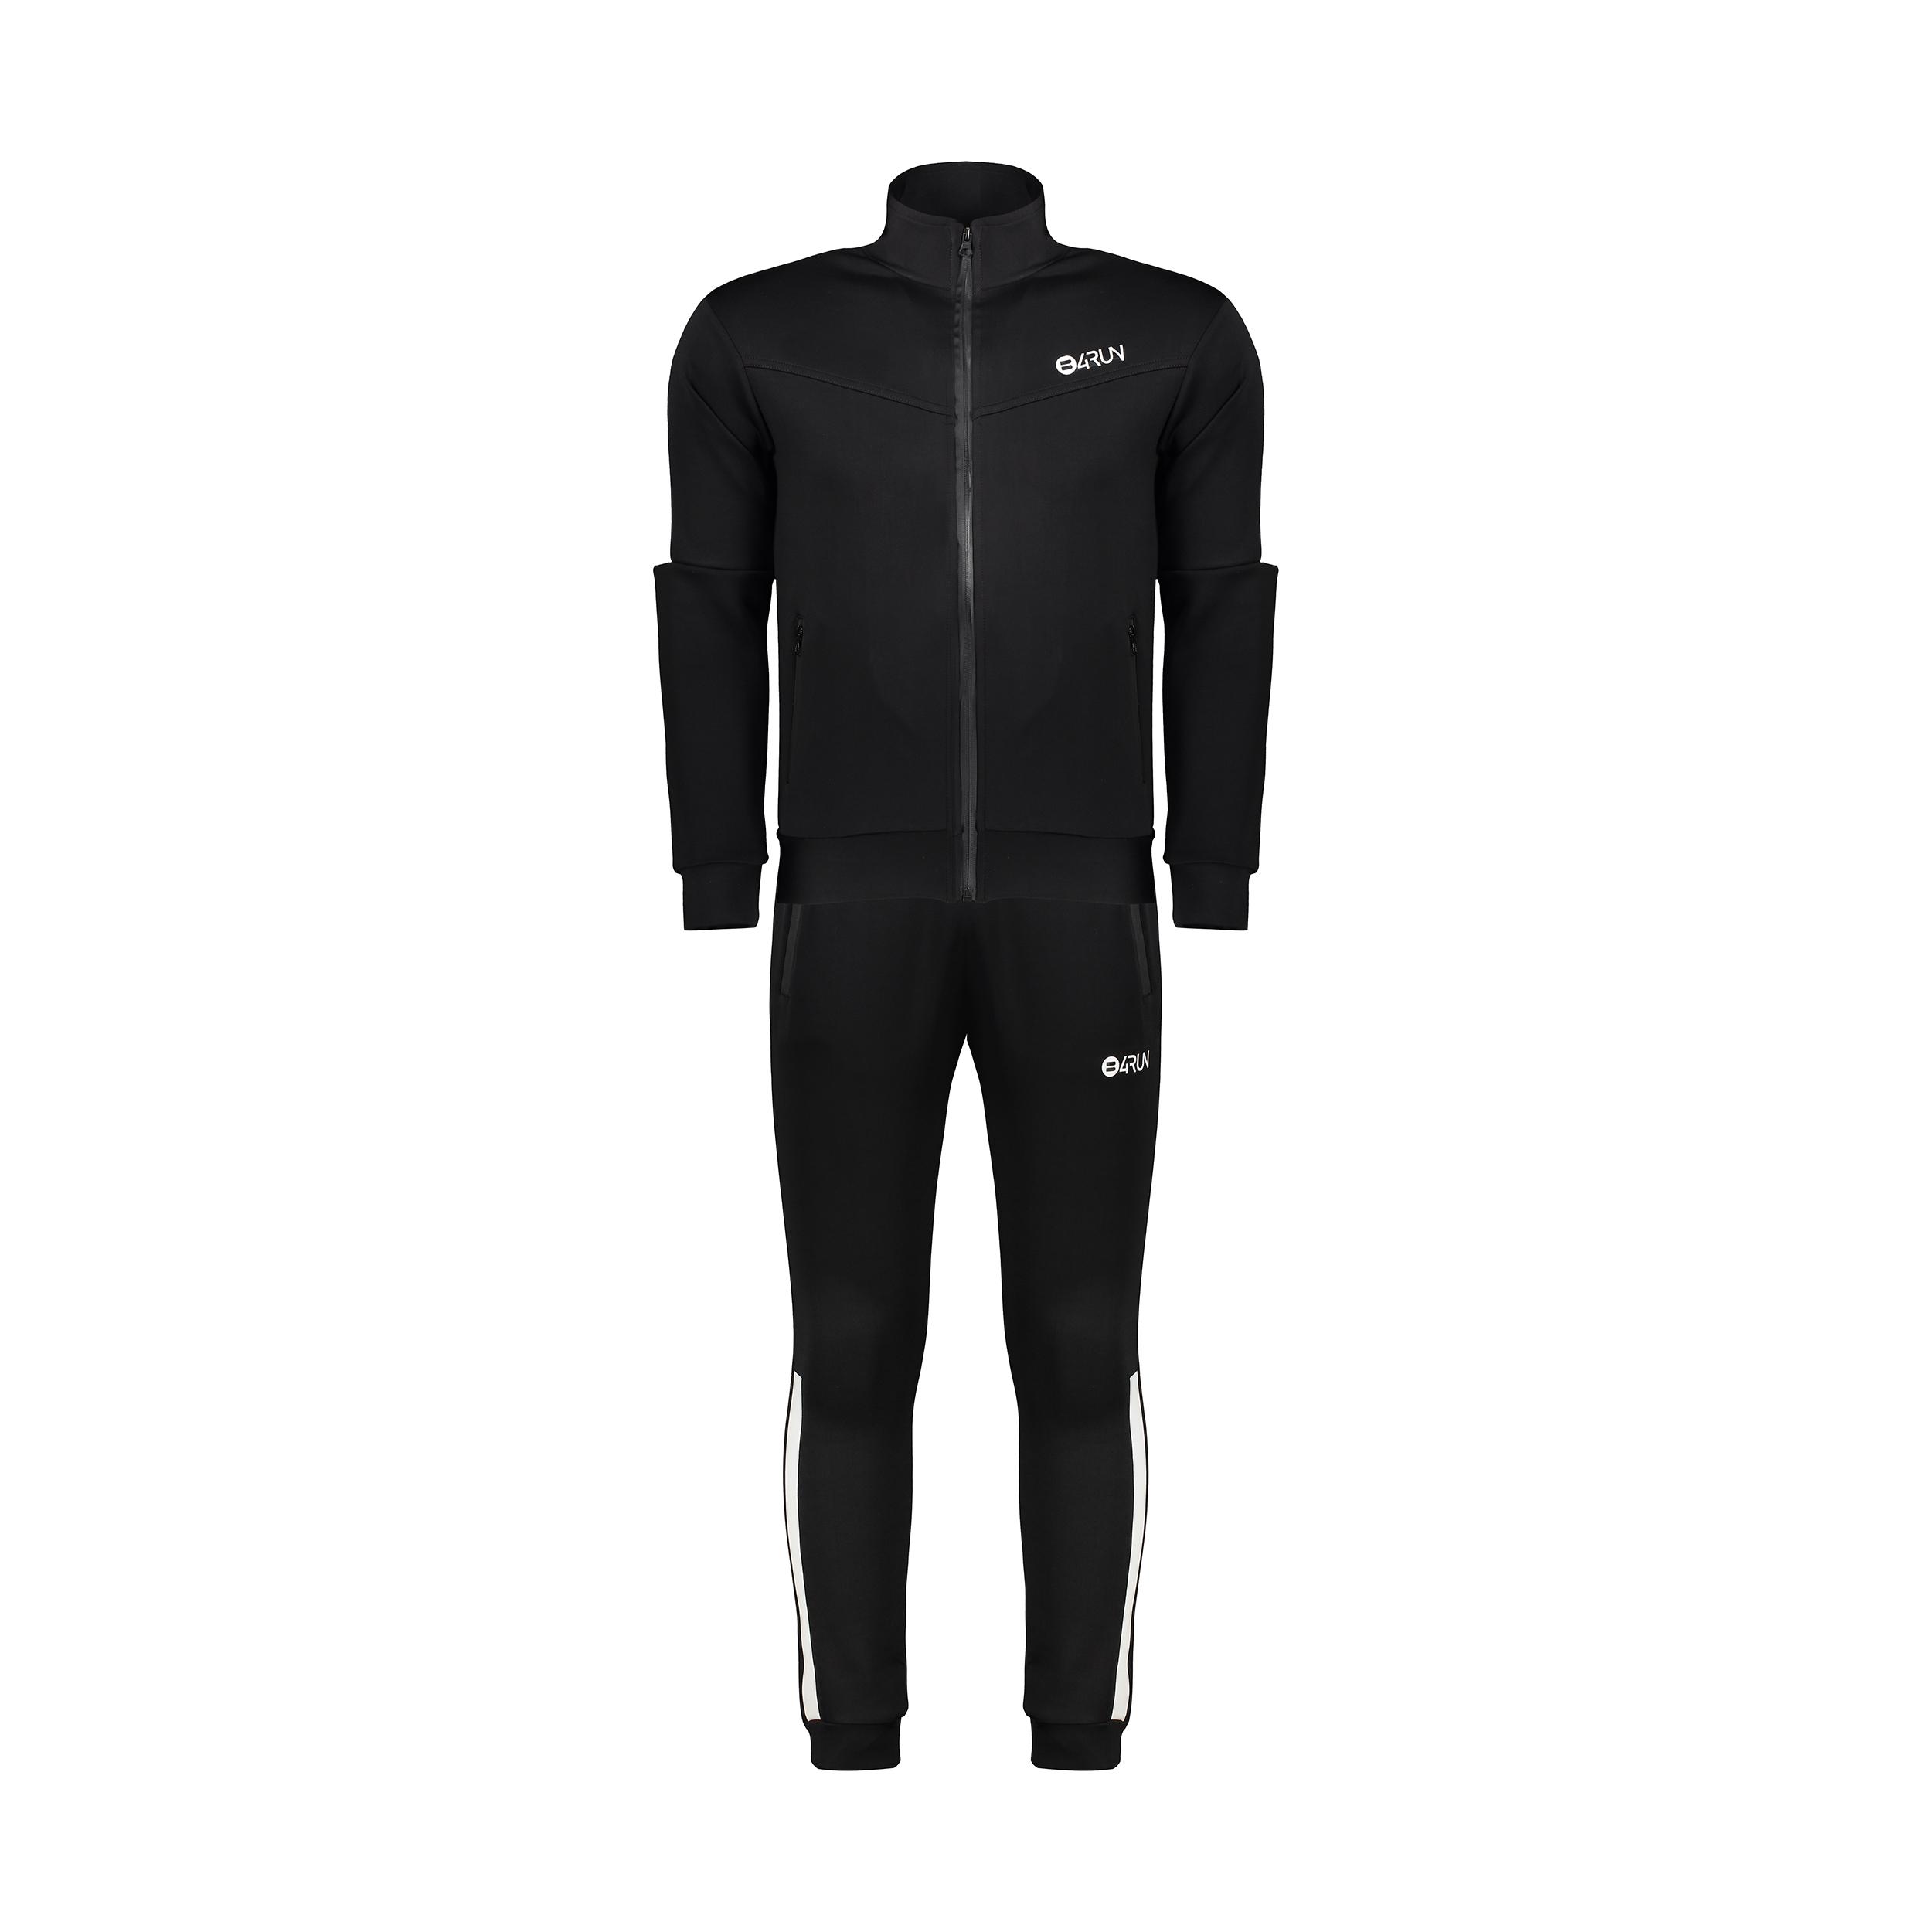 ست سویشرت و شلوار ورزشی مردانه بی فور ران مدل 980218-99